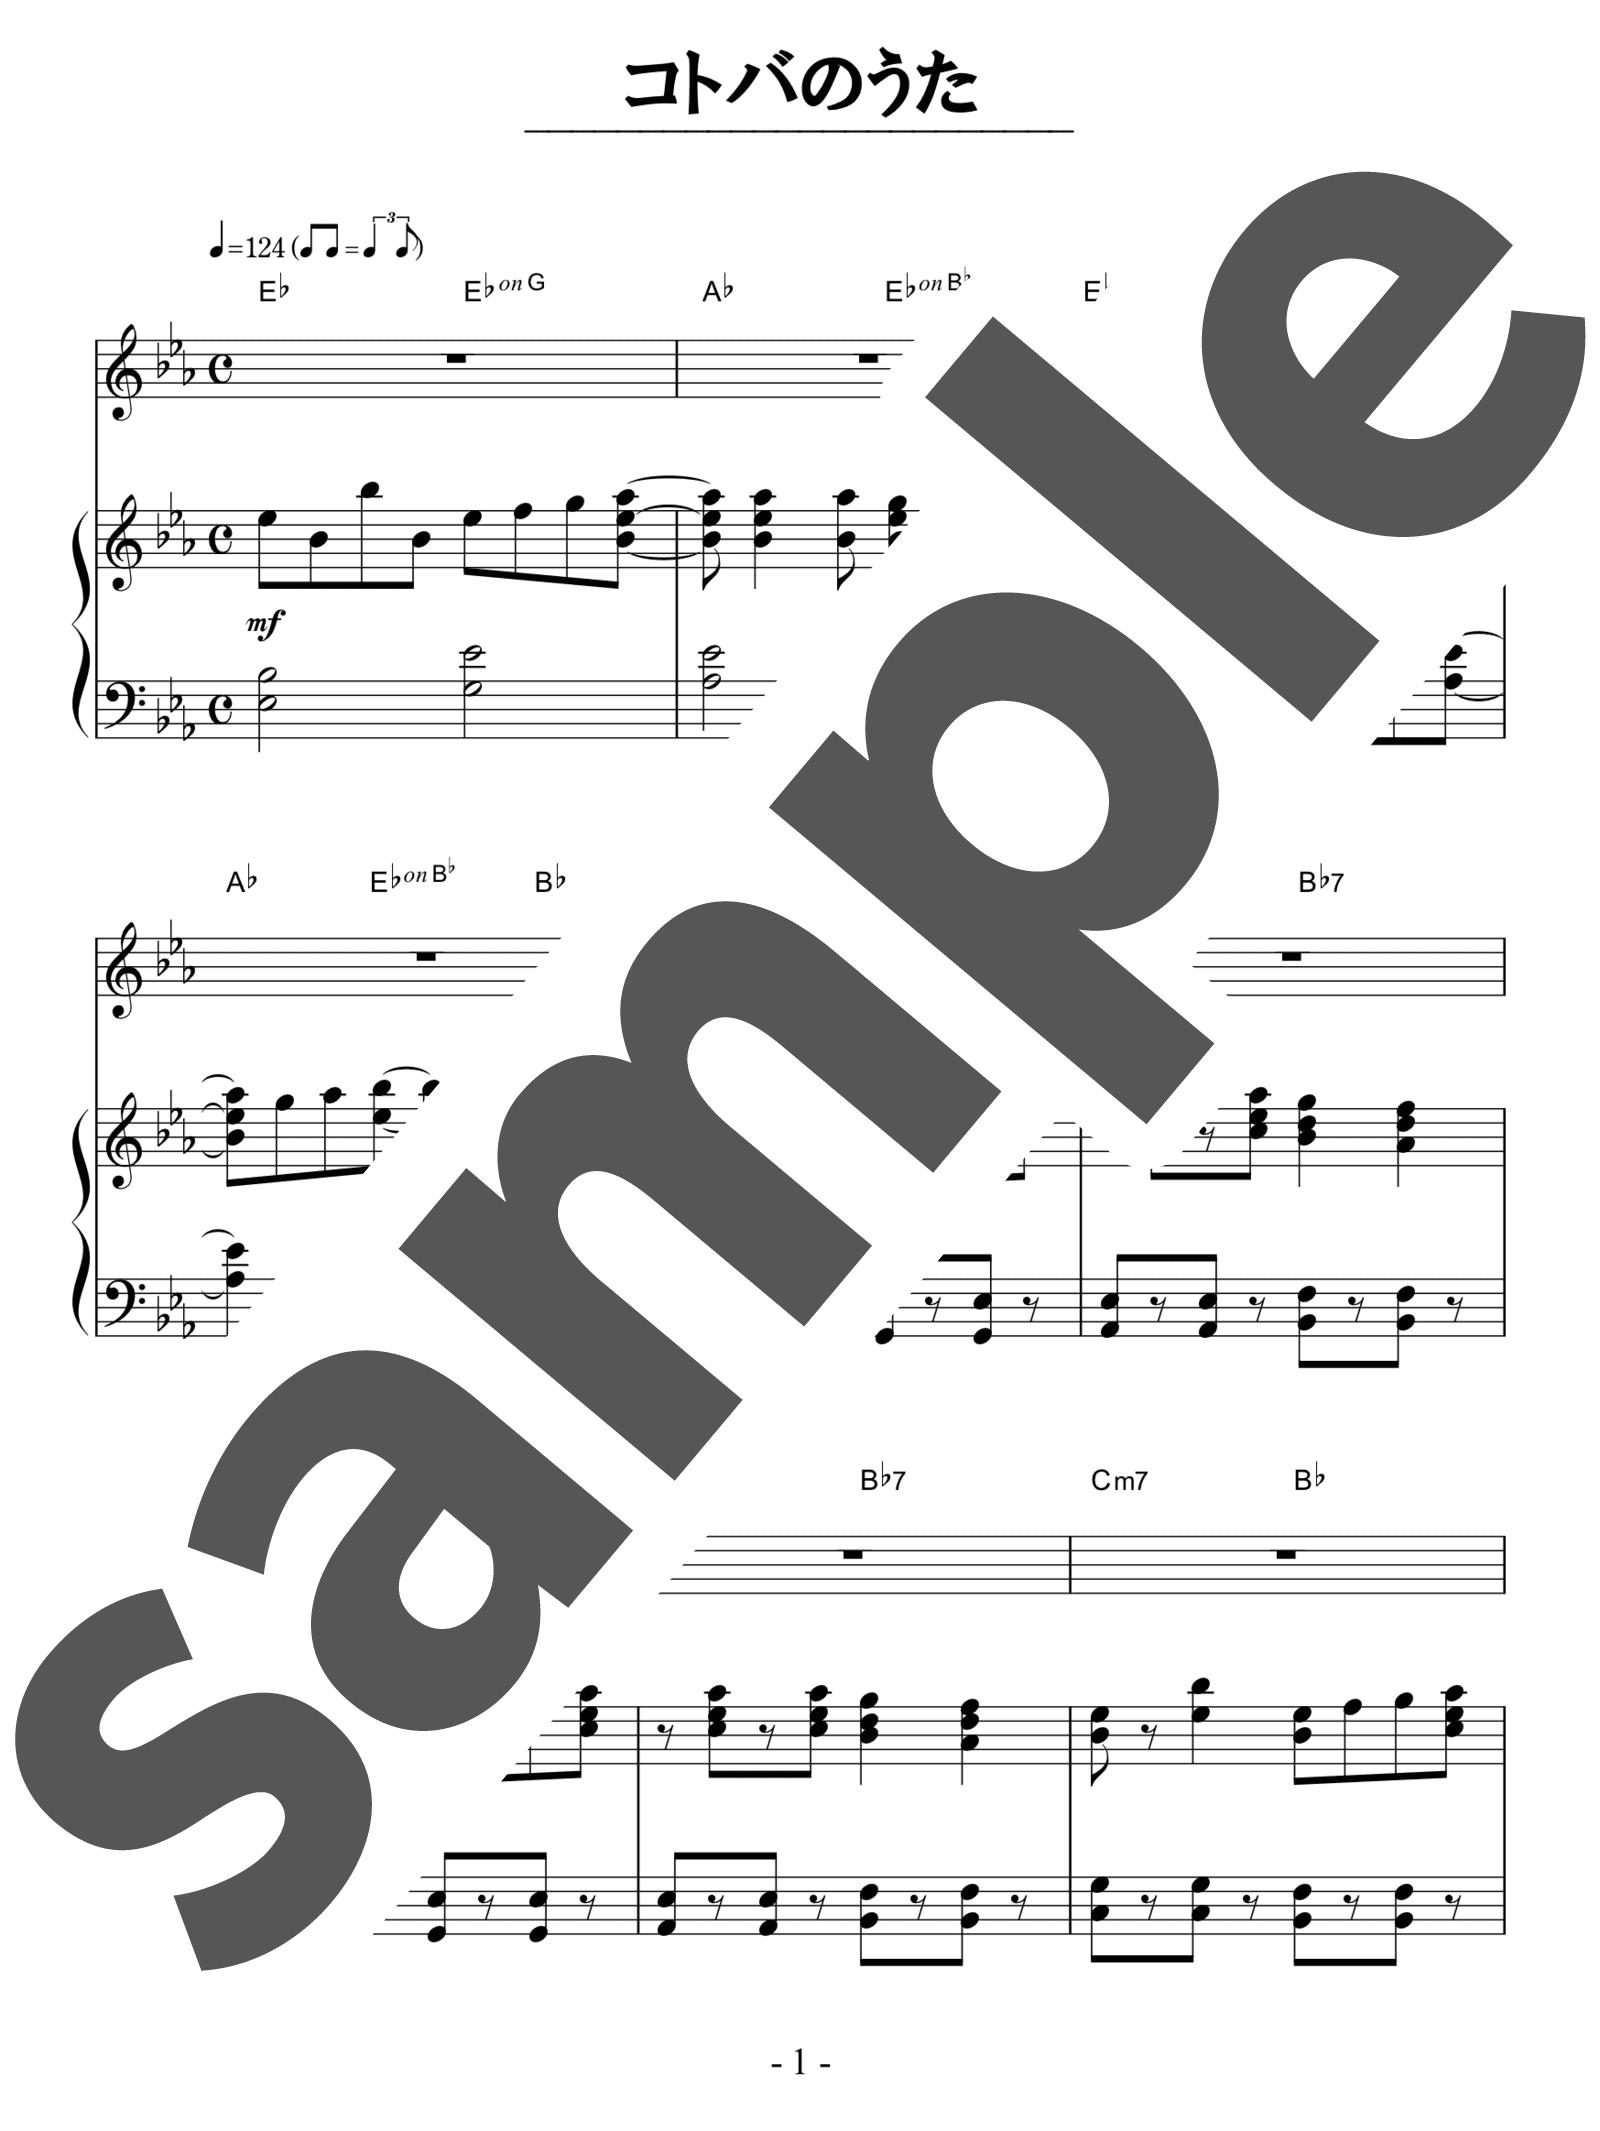 「コトバのうた」のサンプル楽譜